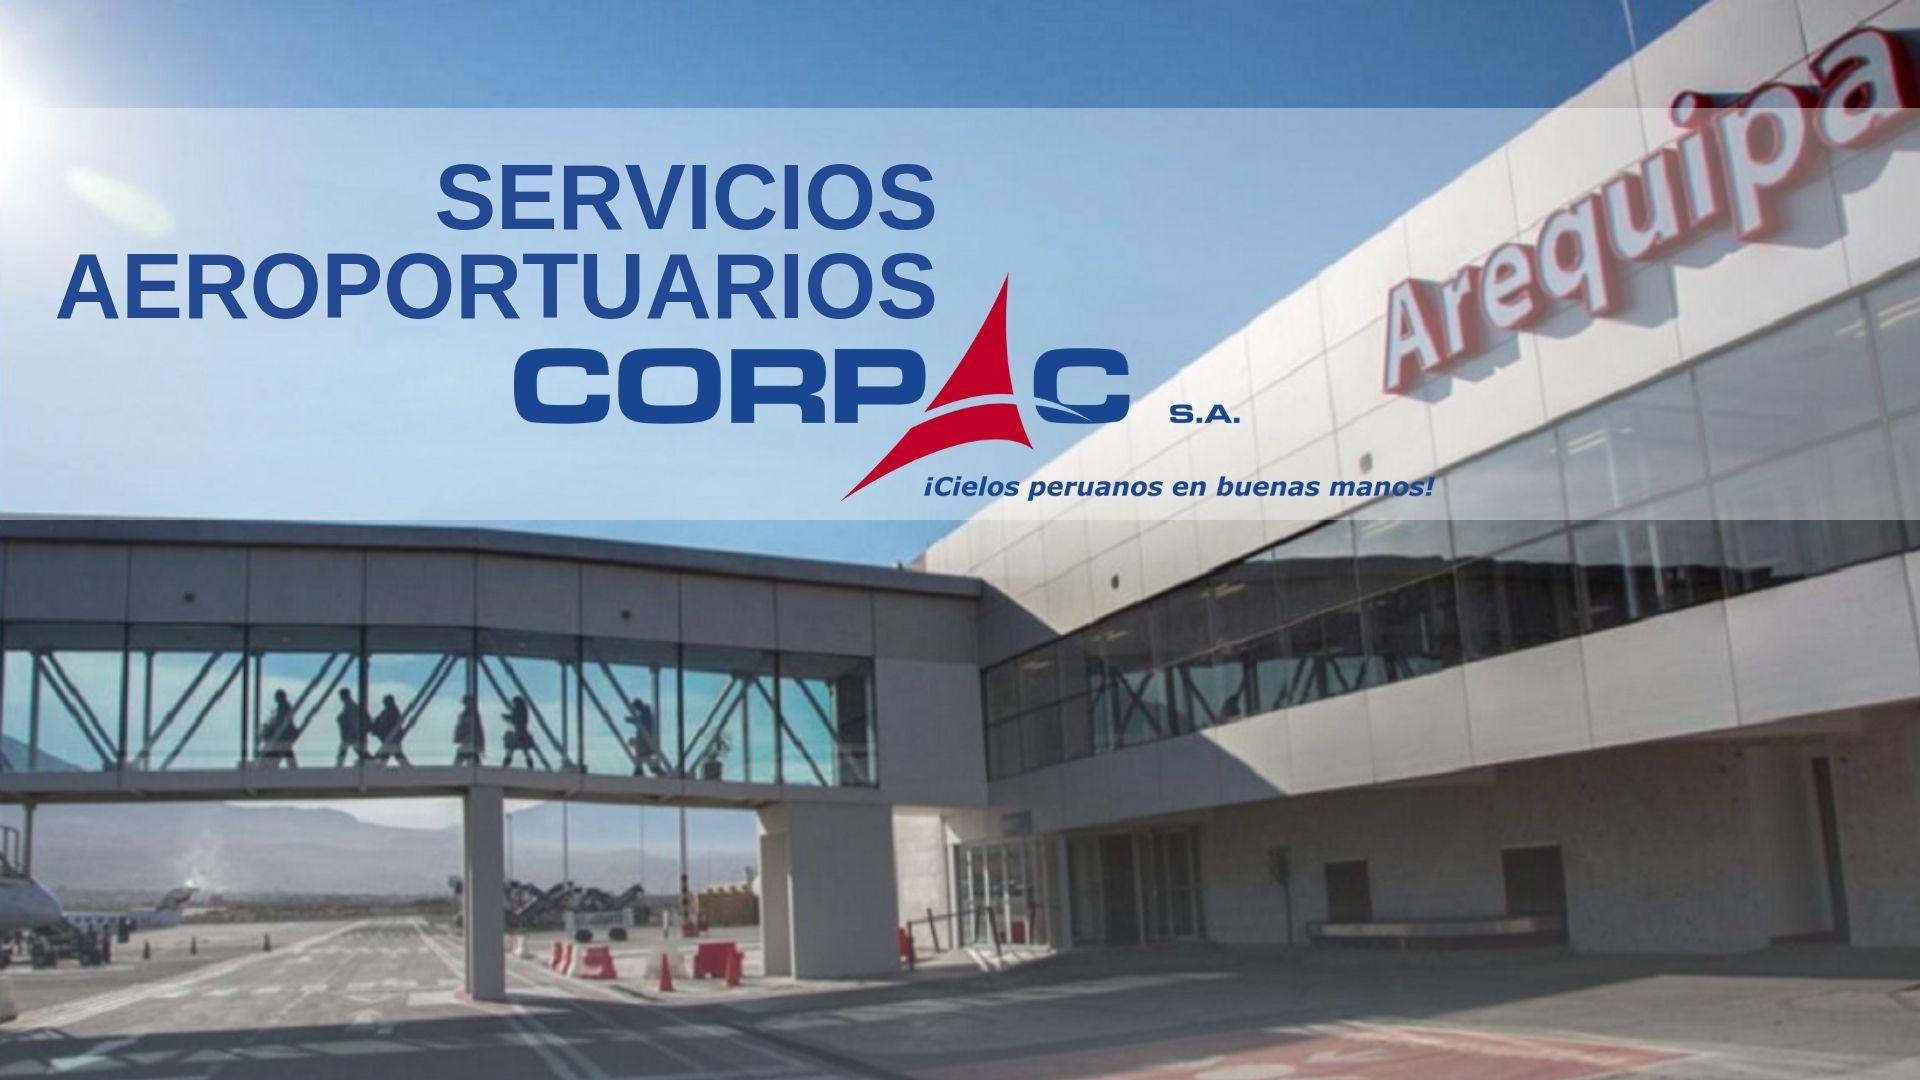 Servicios aeroportuarios CORPAC Perú